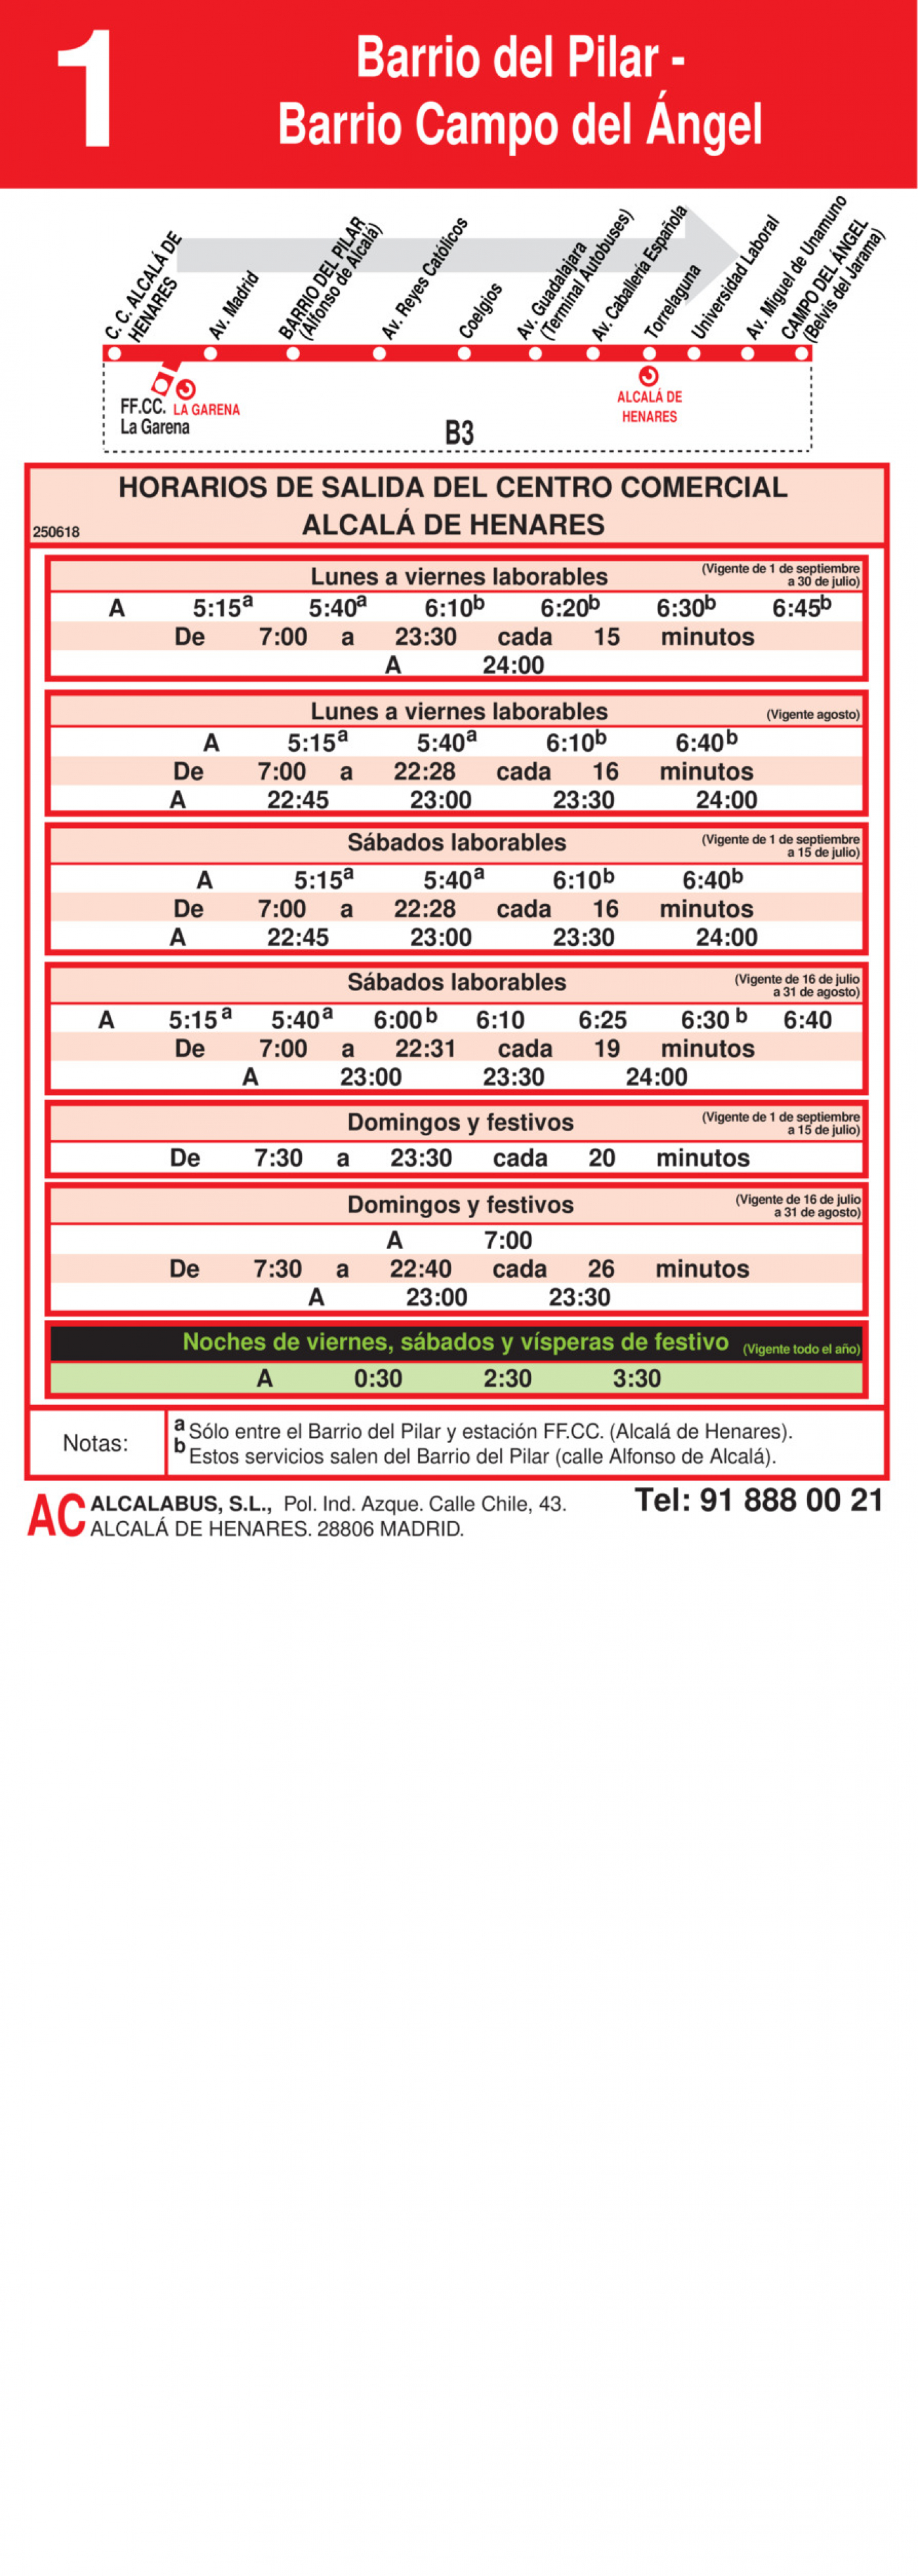 Tabla de horarios y frecuencias de paso en sentido ida Línea L-1 Alcalá de Henares: Barrio del Pilar - Barrio Campo del Ángel